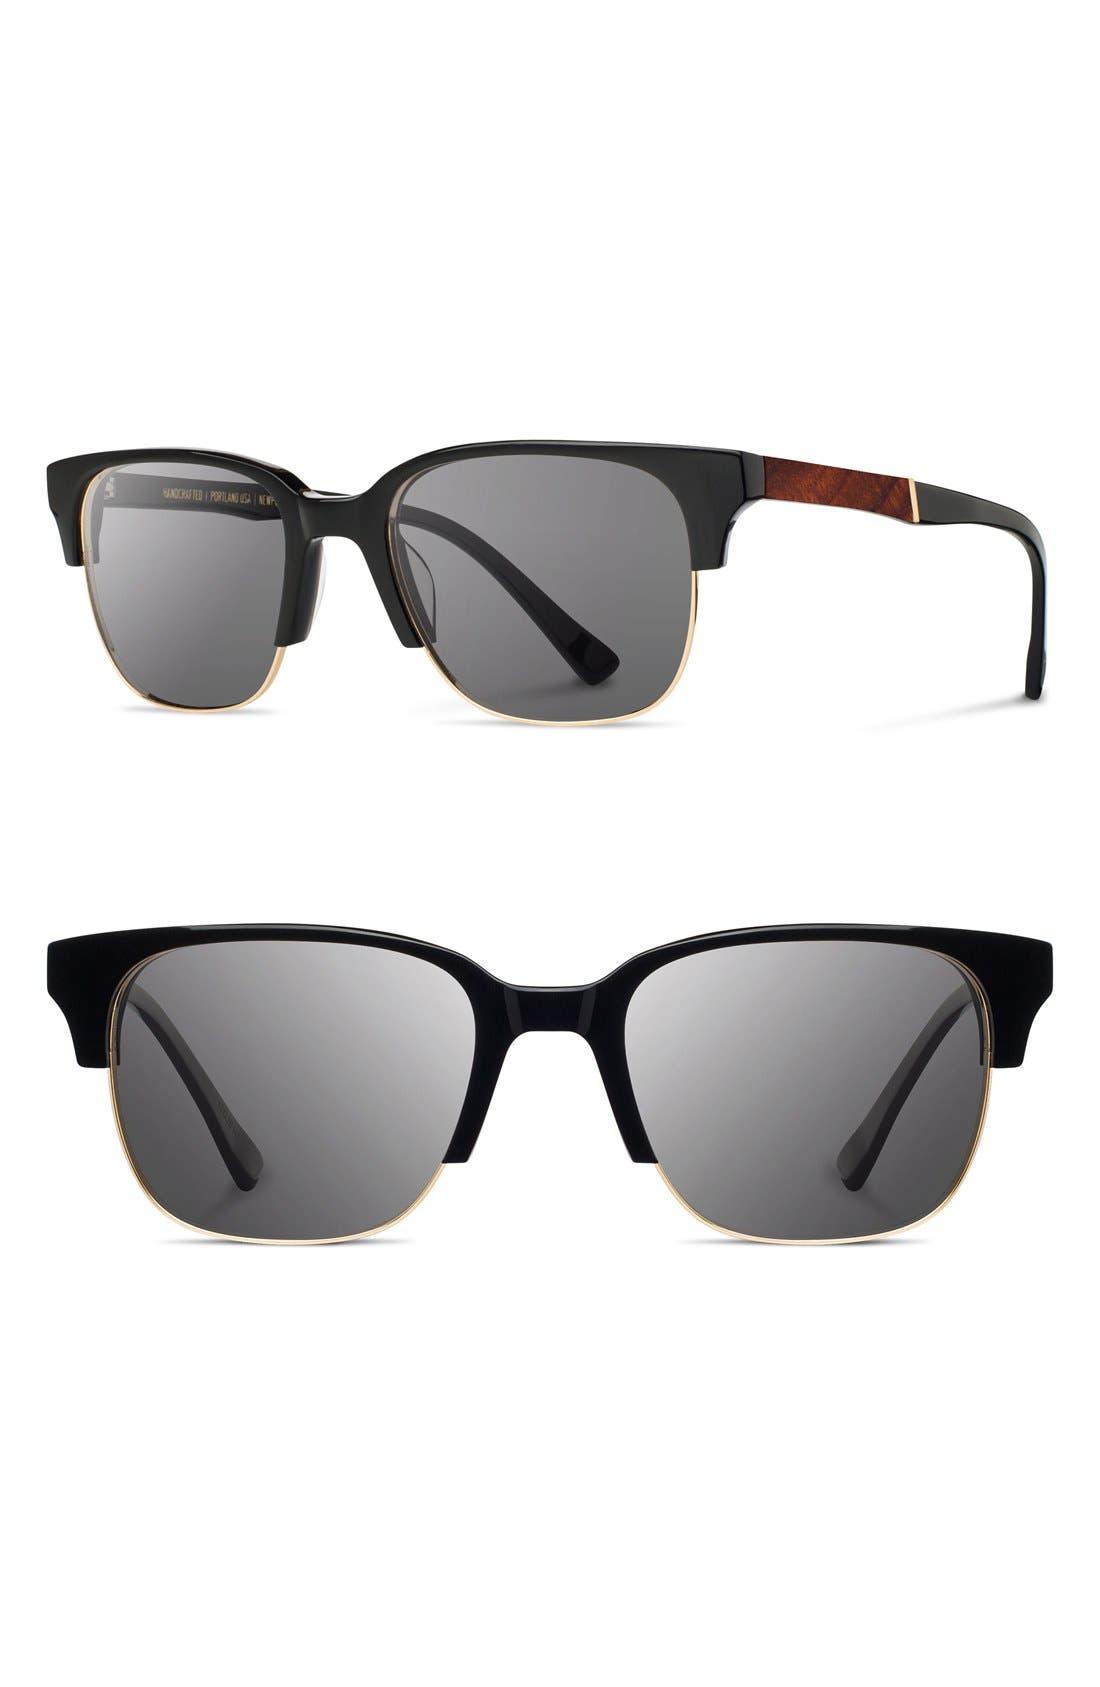 'Newport' Sunglasses,                         Main,                         color, BLACK/ MAHOGANY/ GREY